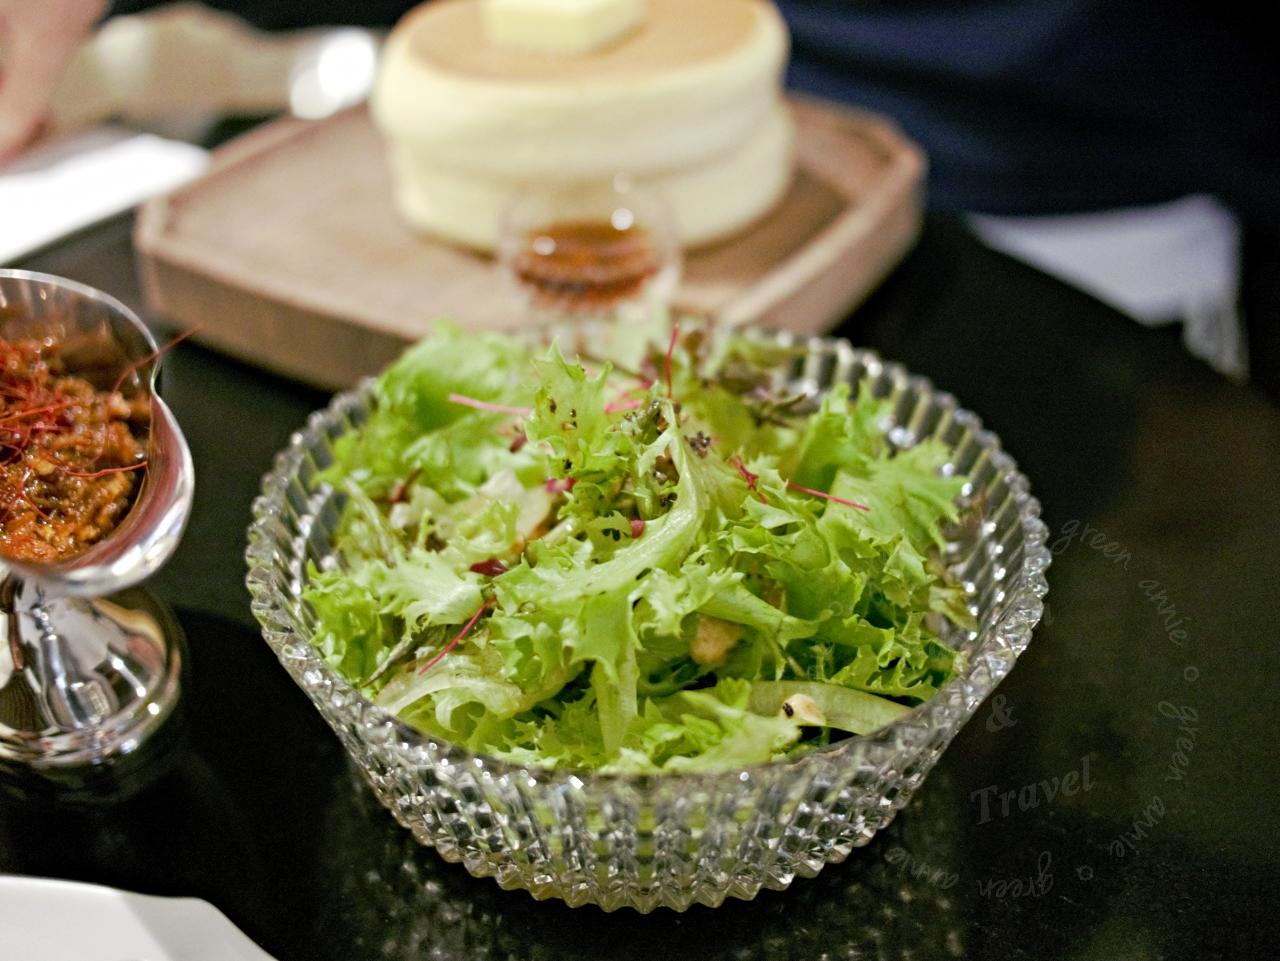 超好吃的日本北海道厚鬆餅椿Tsubaki Salon,現在台北晶華B2就吃的到